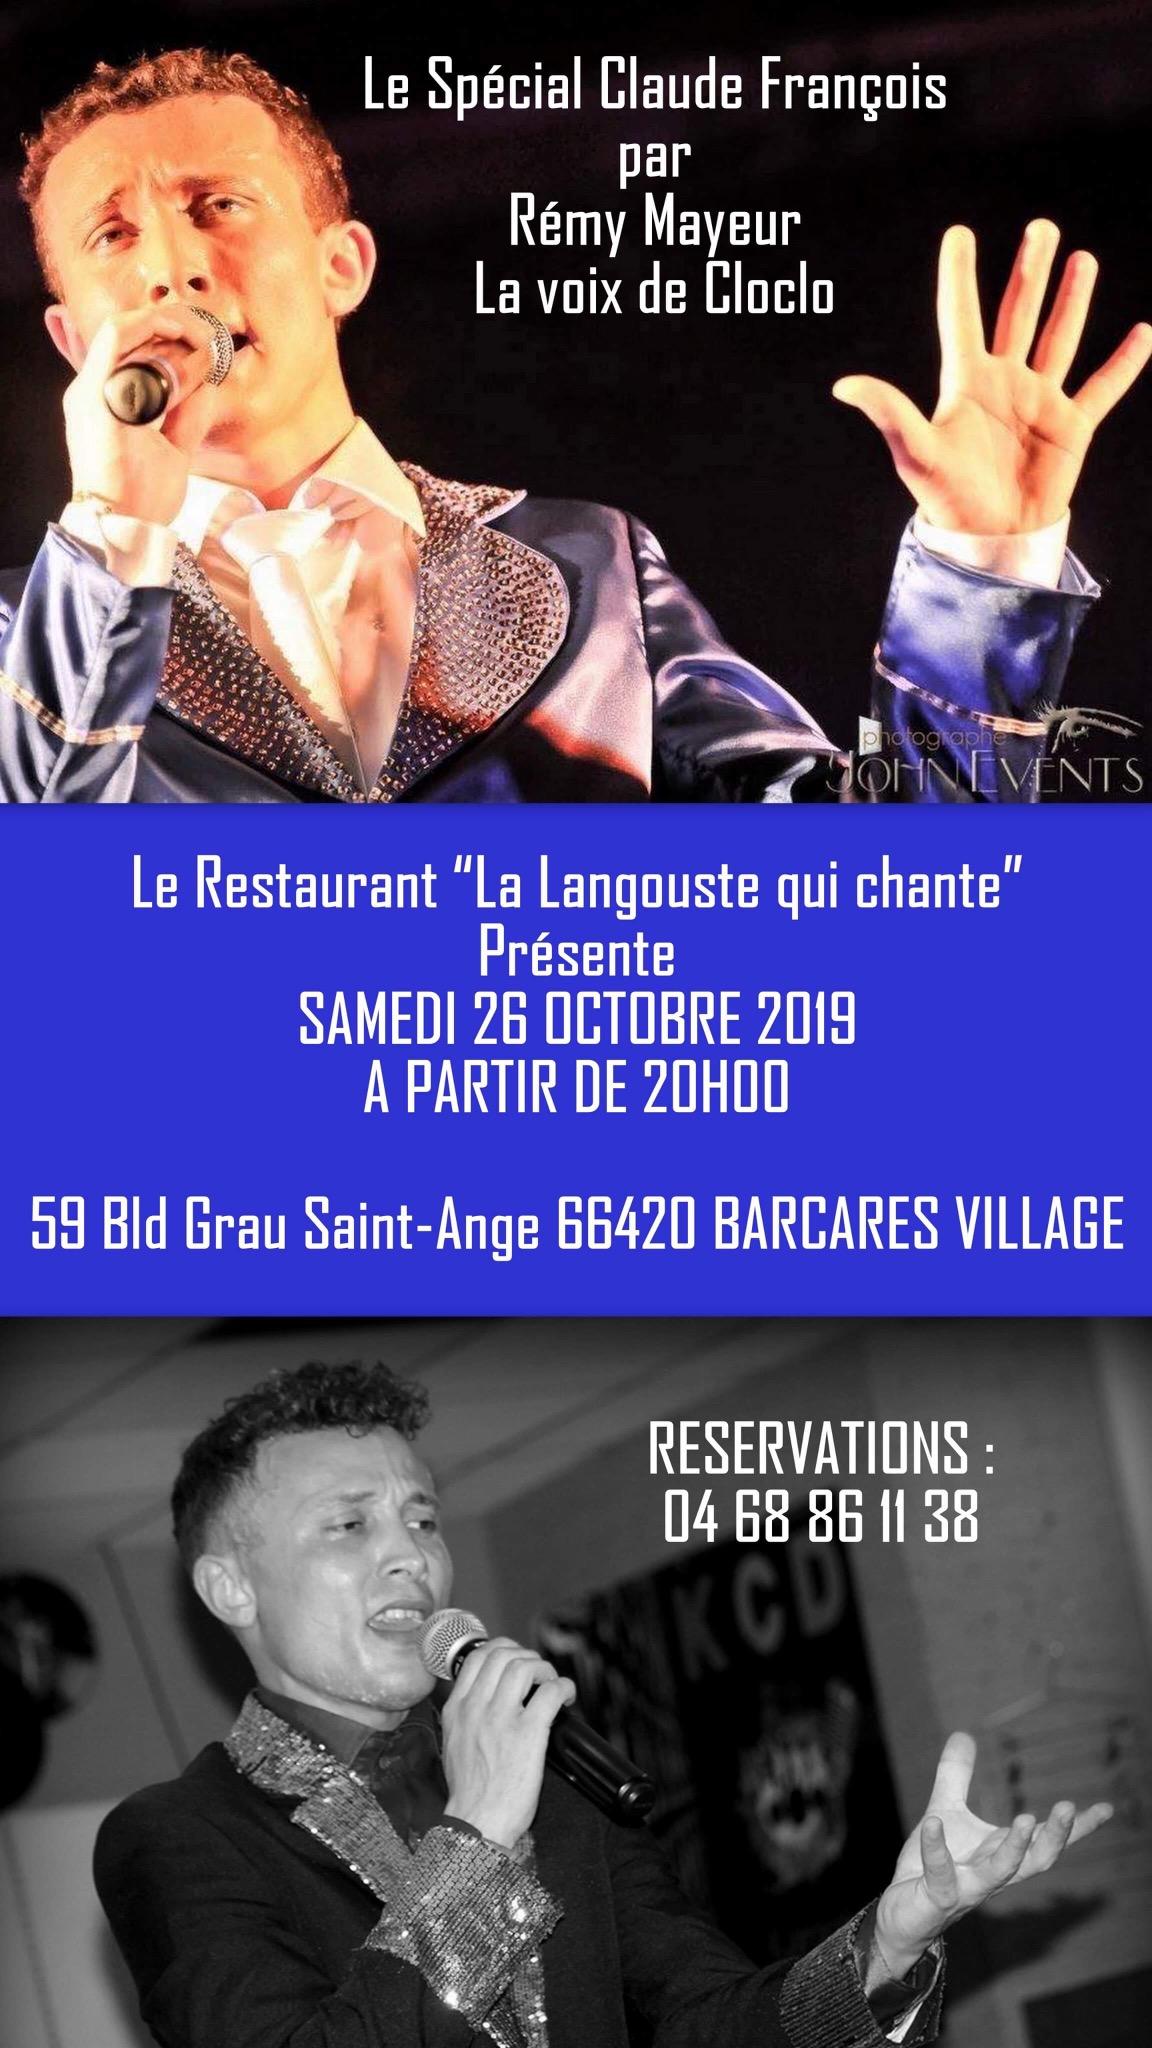 Rémy Mayeur, la voix de Cloclo